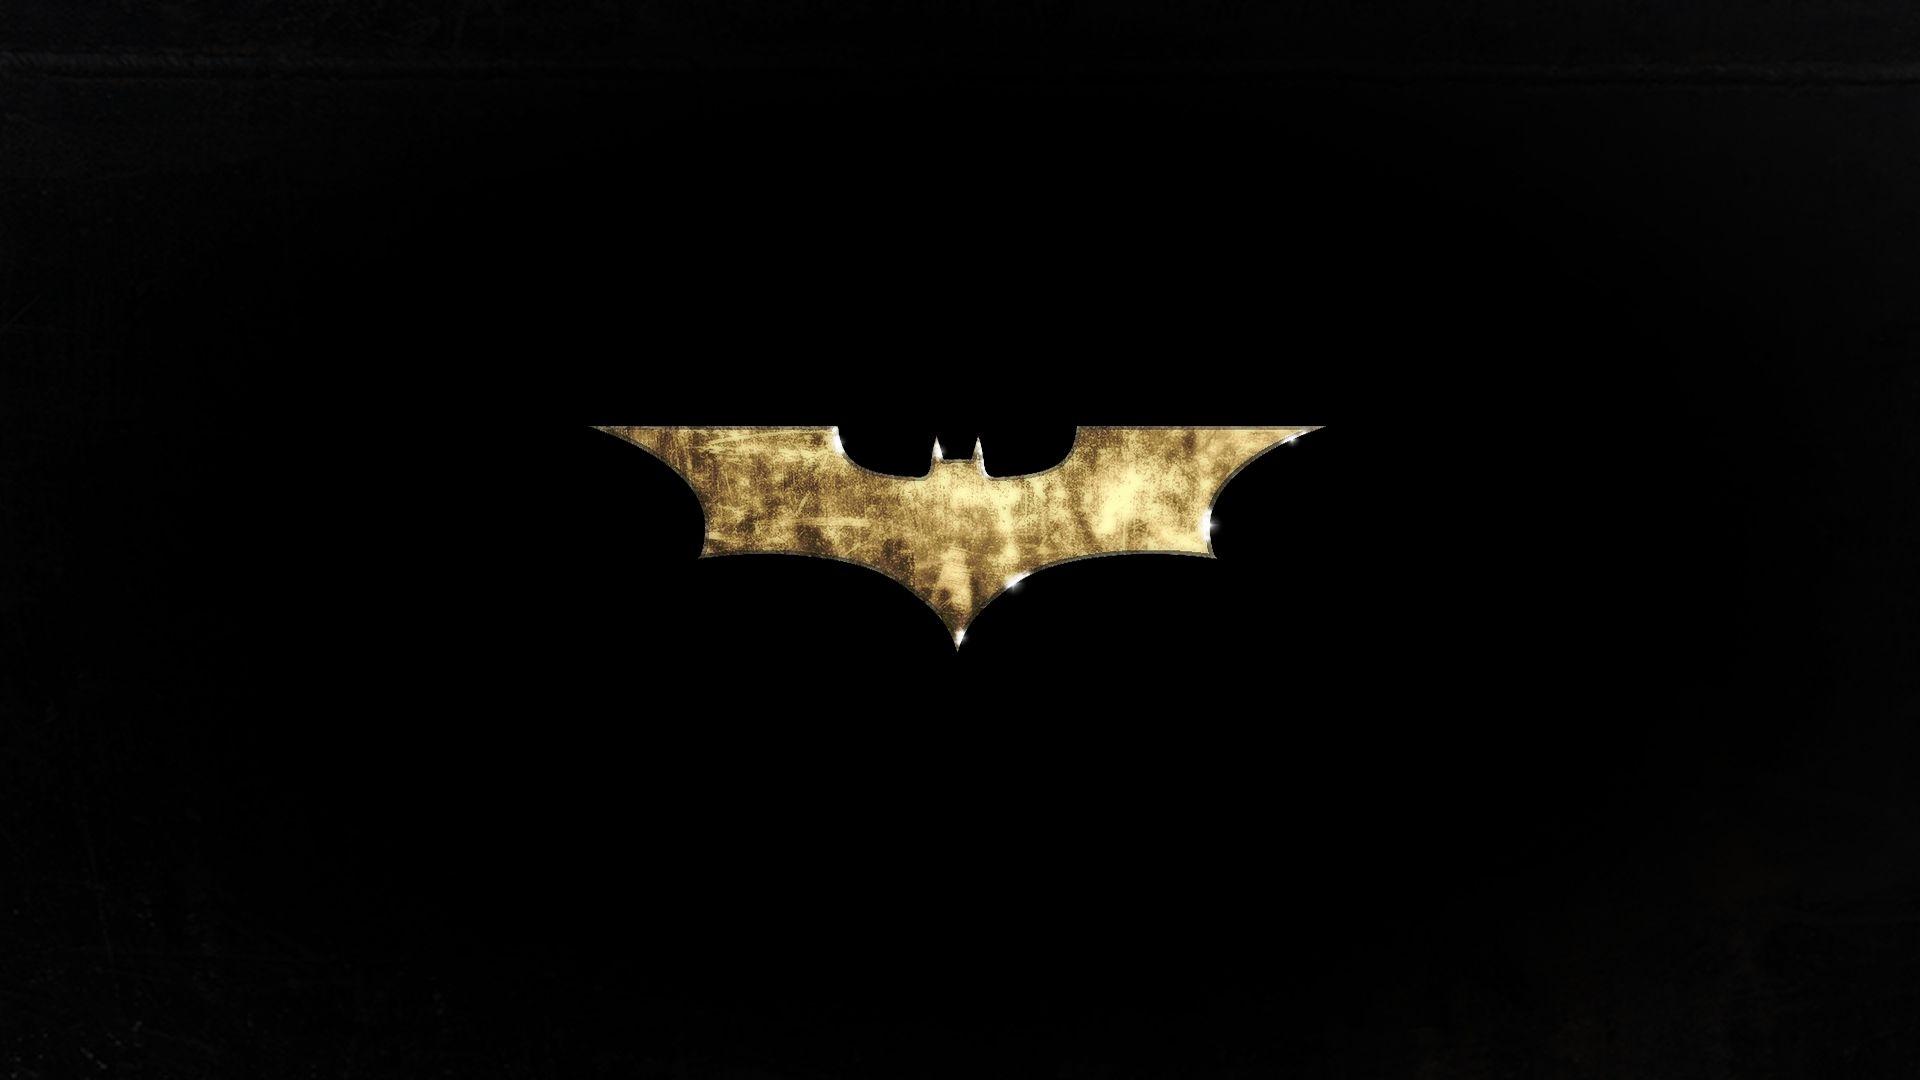 Batman Wallpaper Download